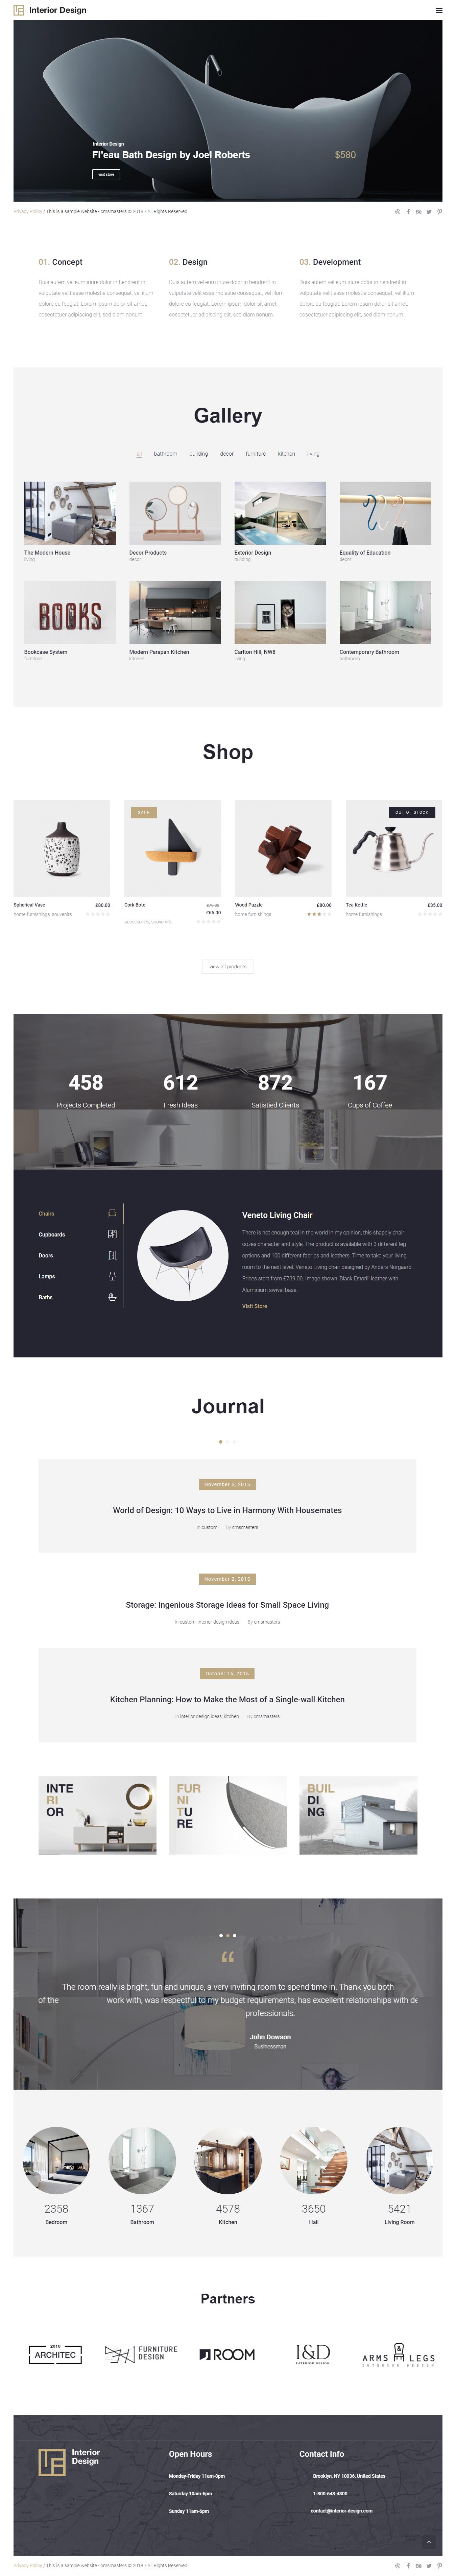 interior design best premium interior design wordpress theme - 10+ Best Premium Interior Design WordPress Themes